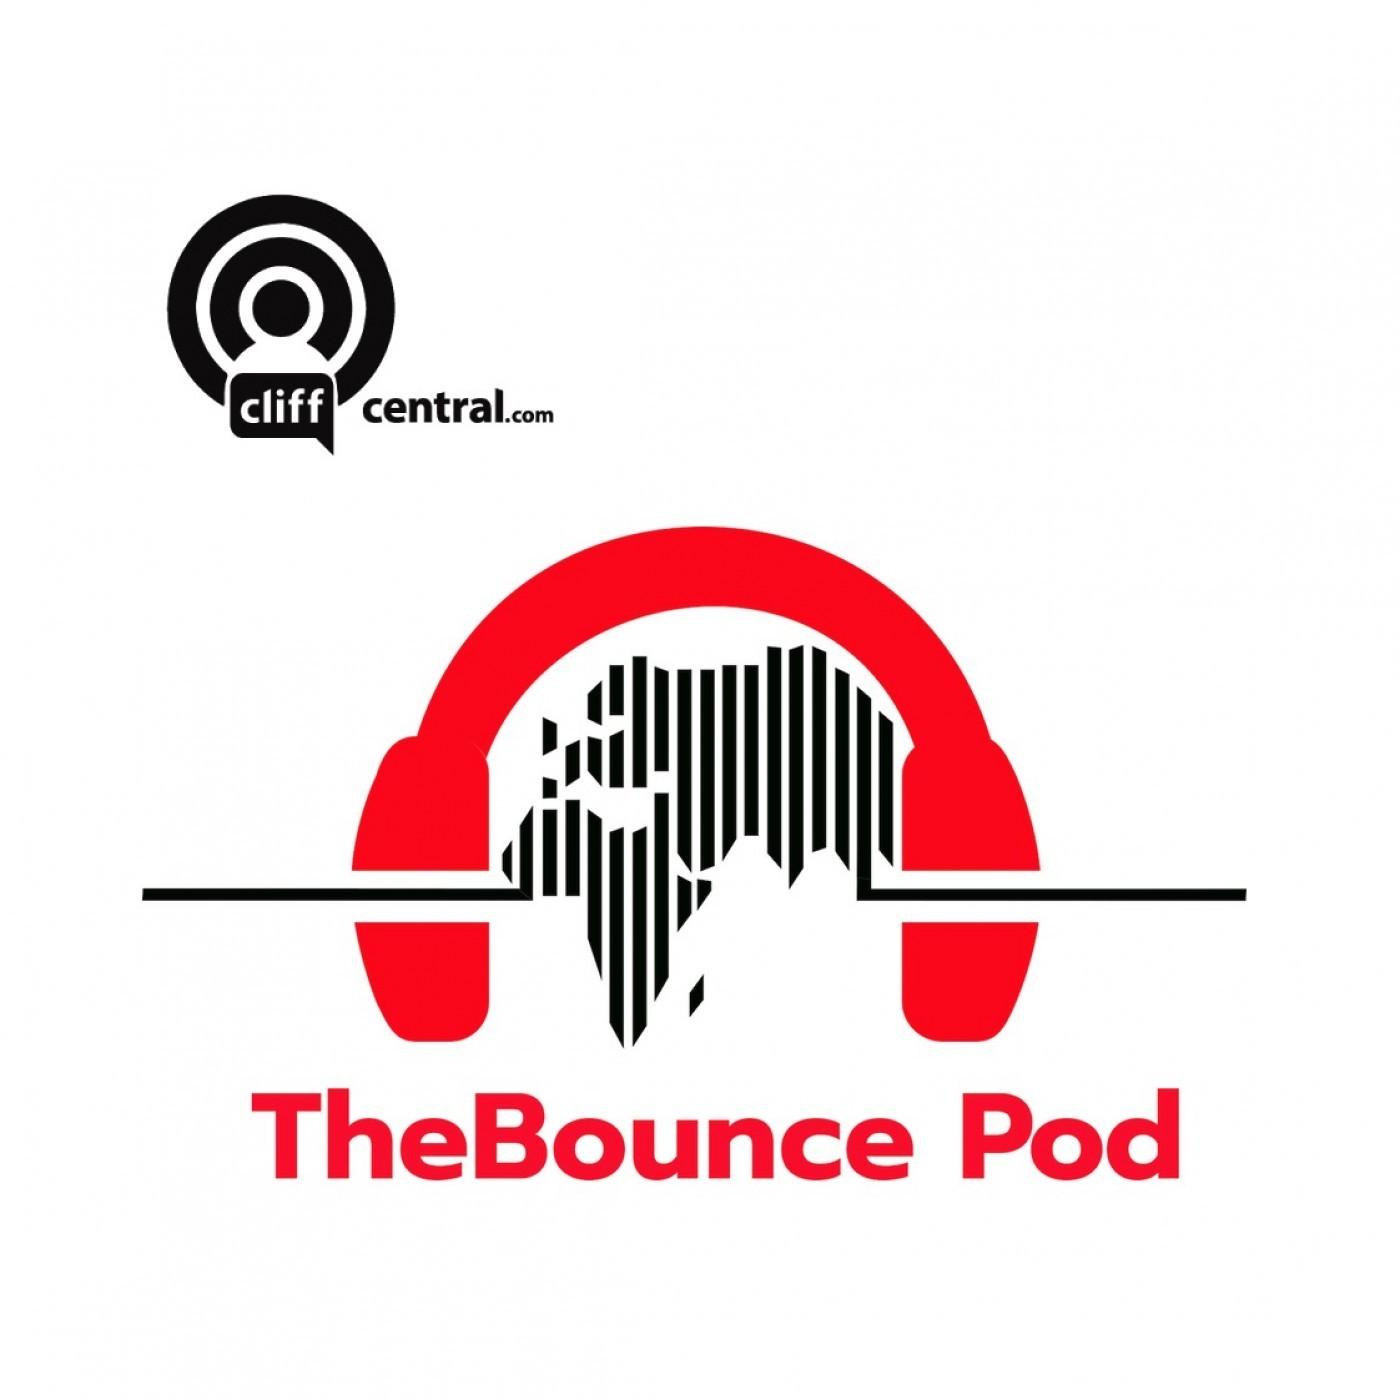 TheBounce Pod